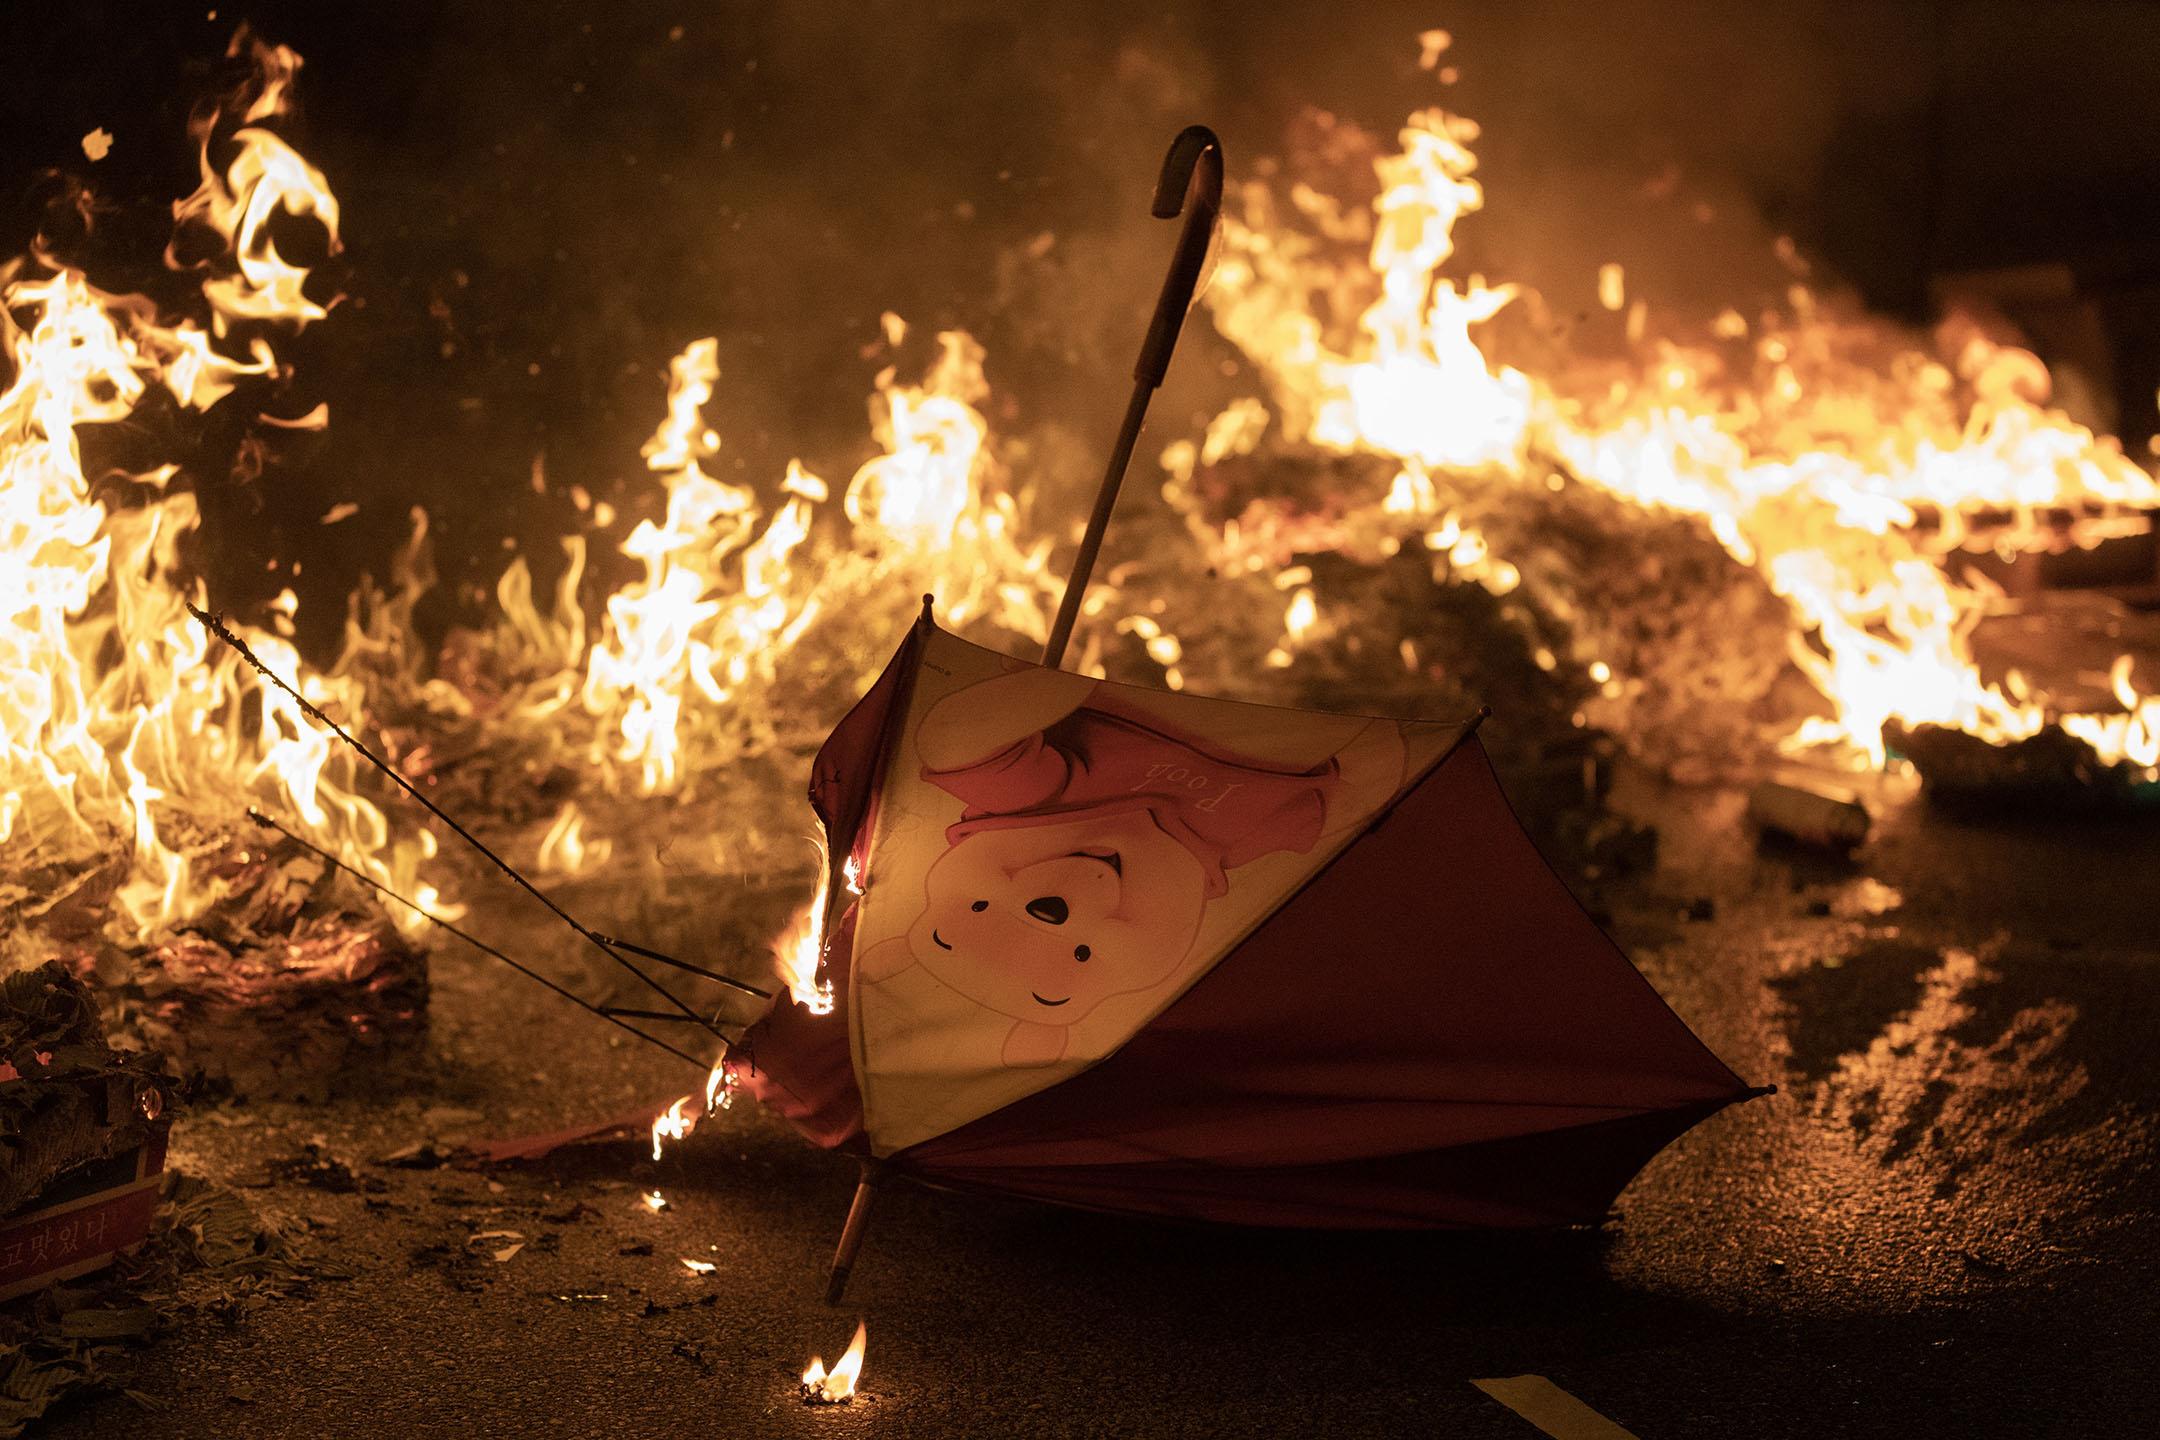 傍晚7點左右,荃灣示威者在馬路設置路障、放火,圖為燃燒中的傘。 攝:廖雁雄 / 端傳媒